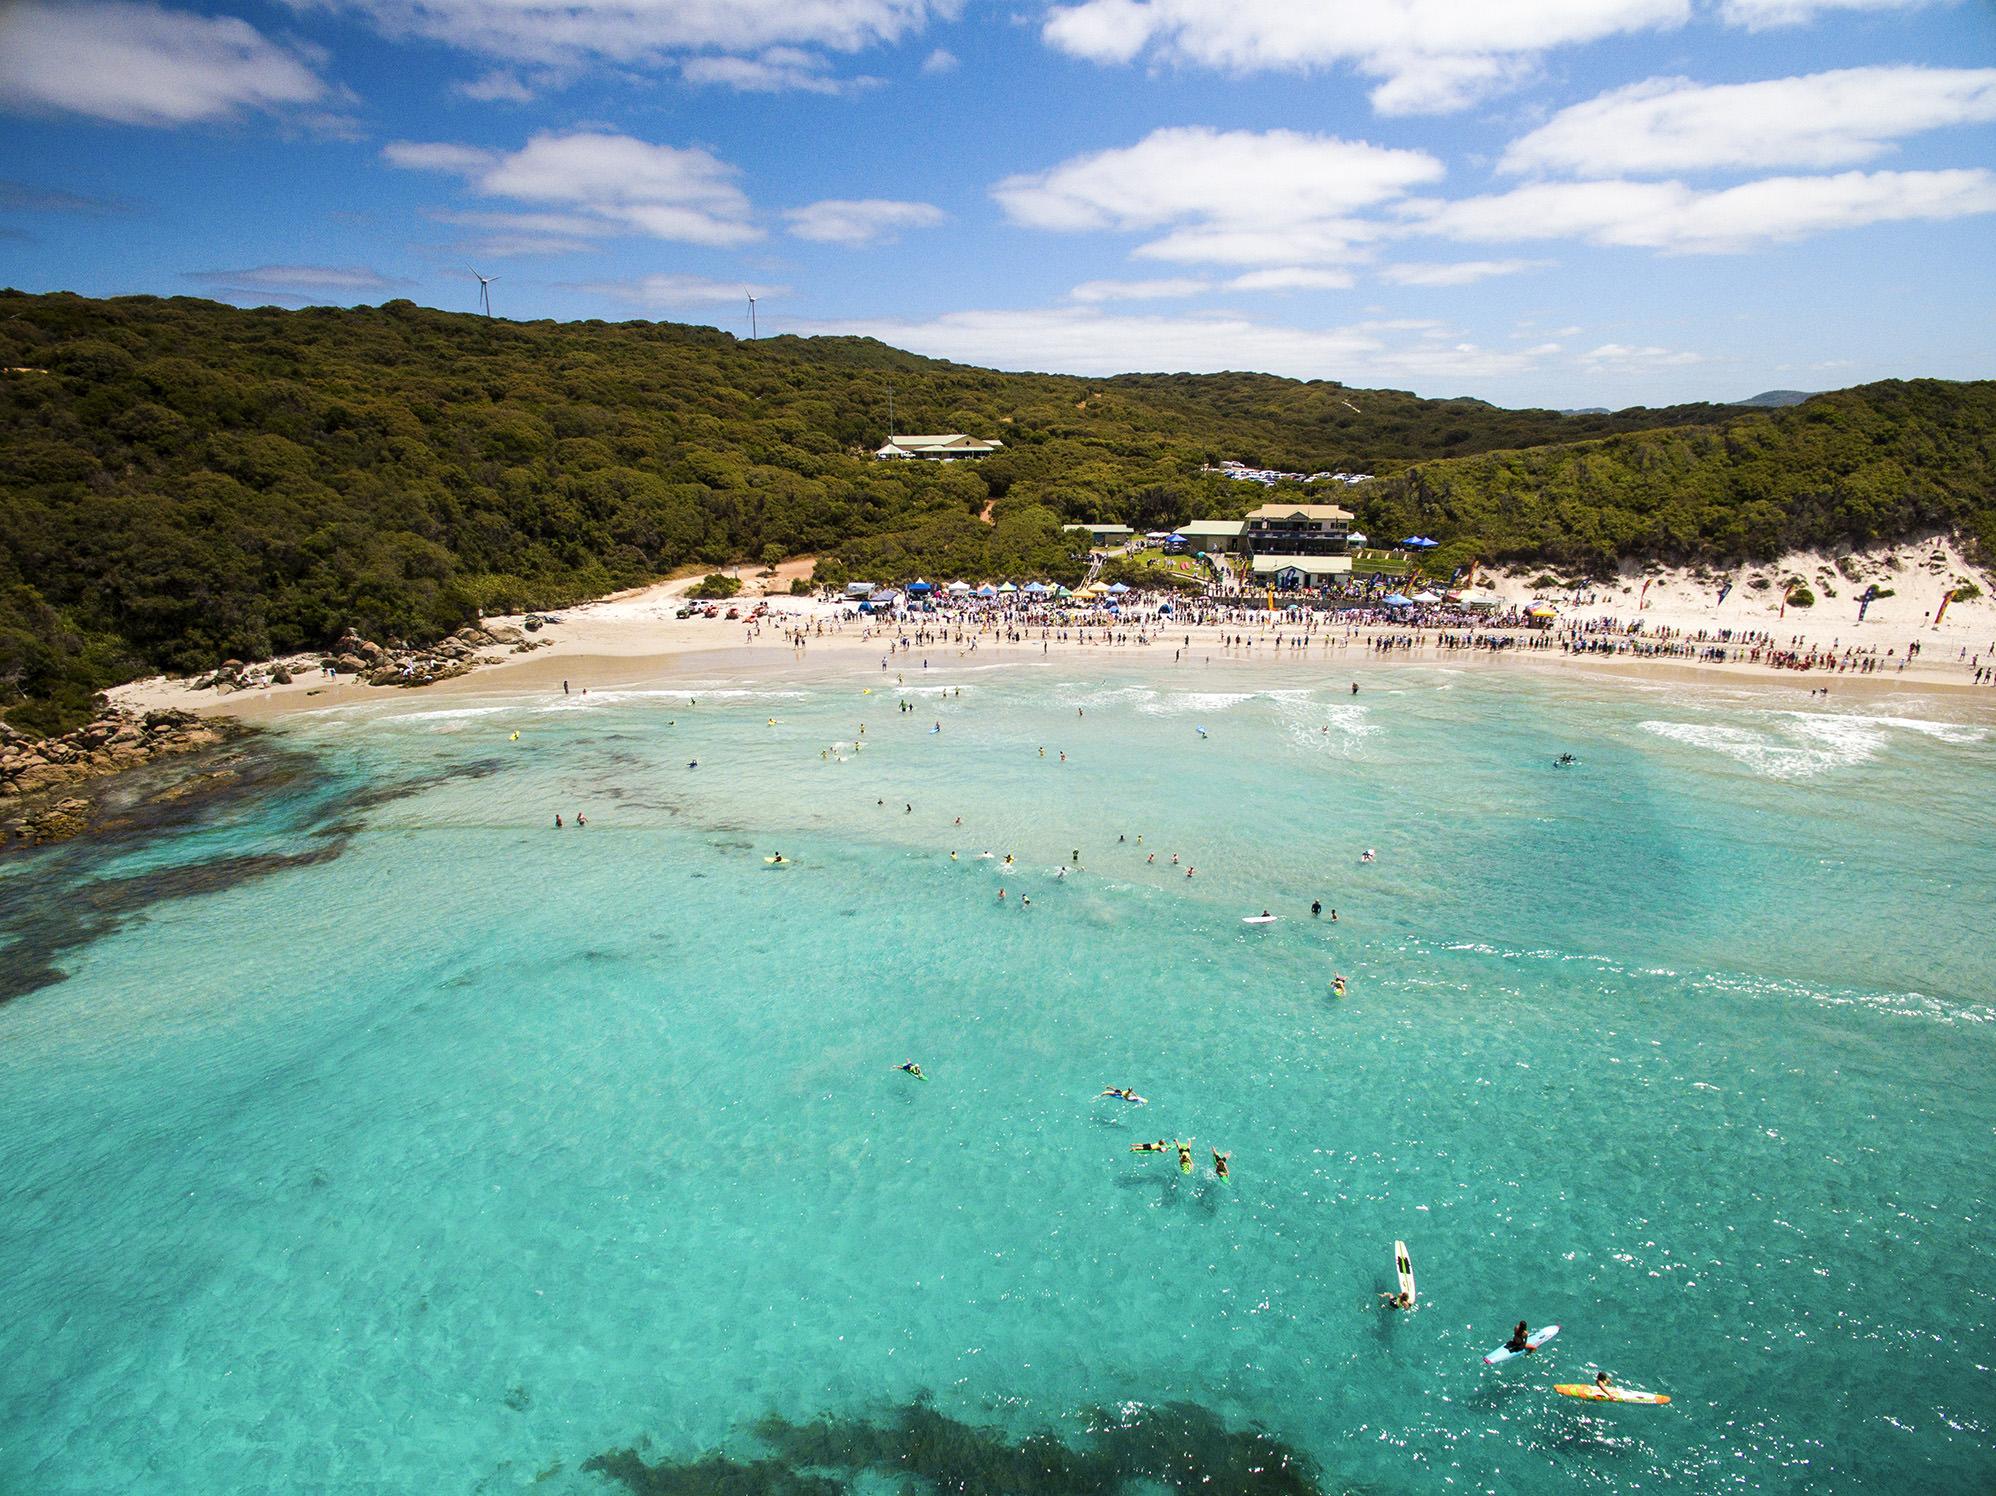 Surf Club Aerial Image